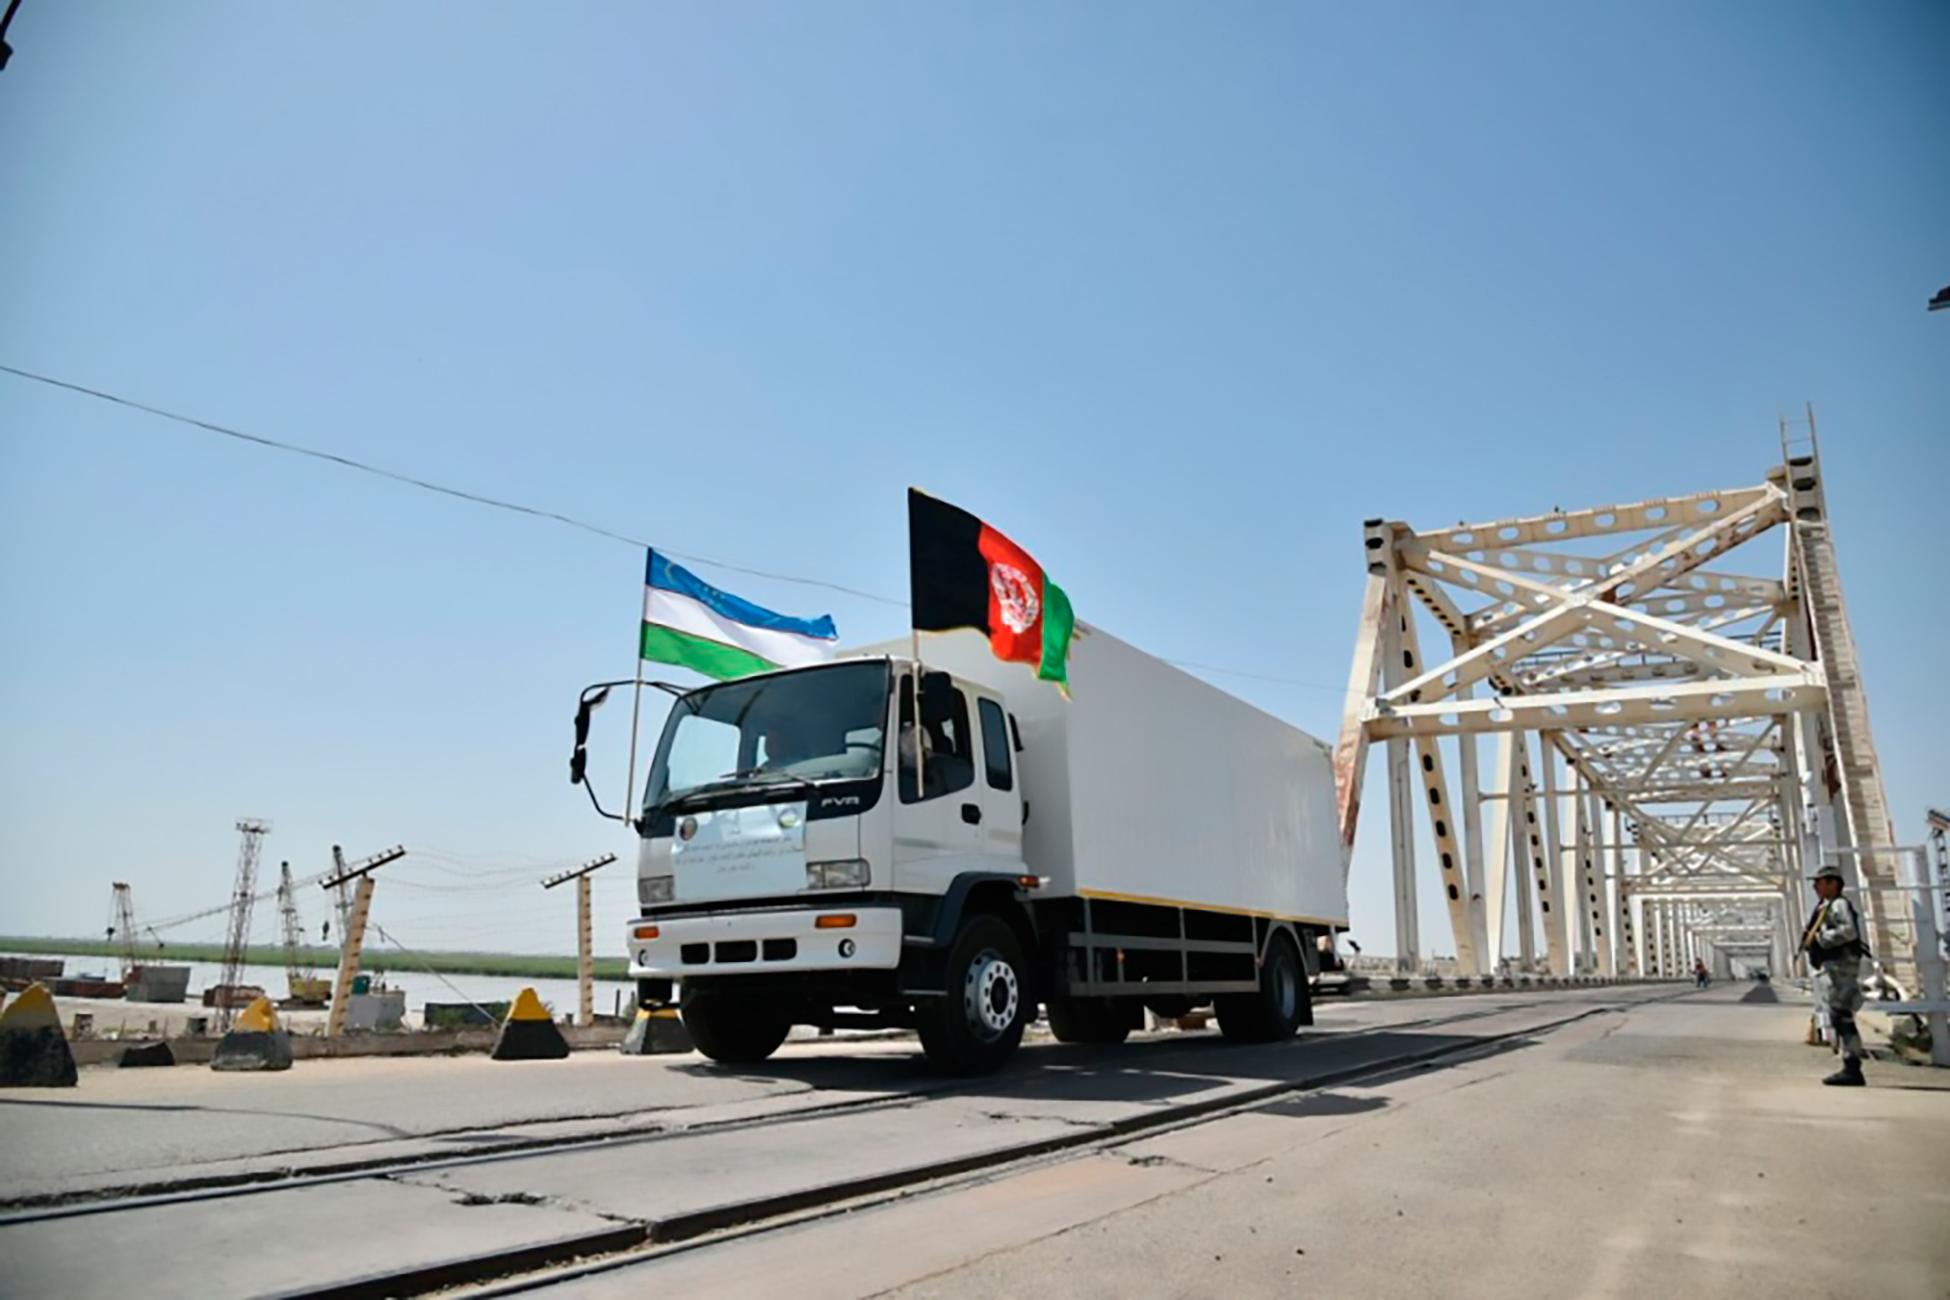 Открытие консульства в Термезе способствует укреплению узбекско-афганского сотрудничества